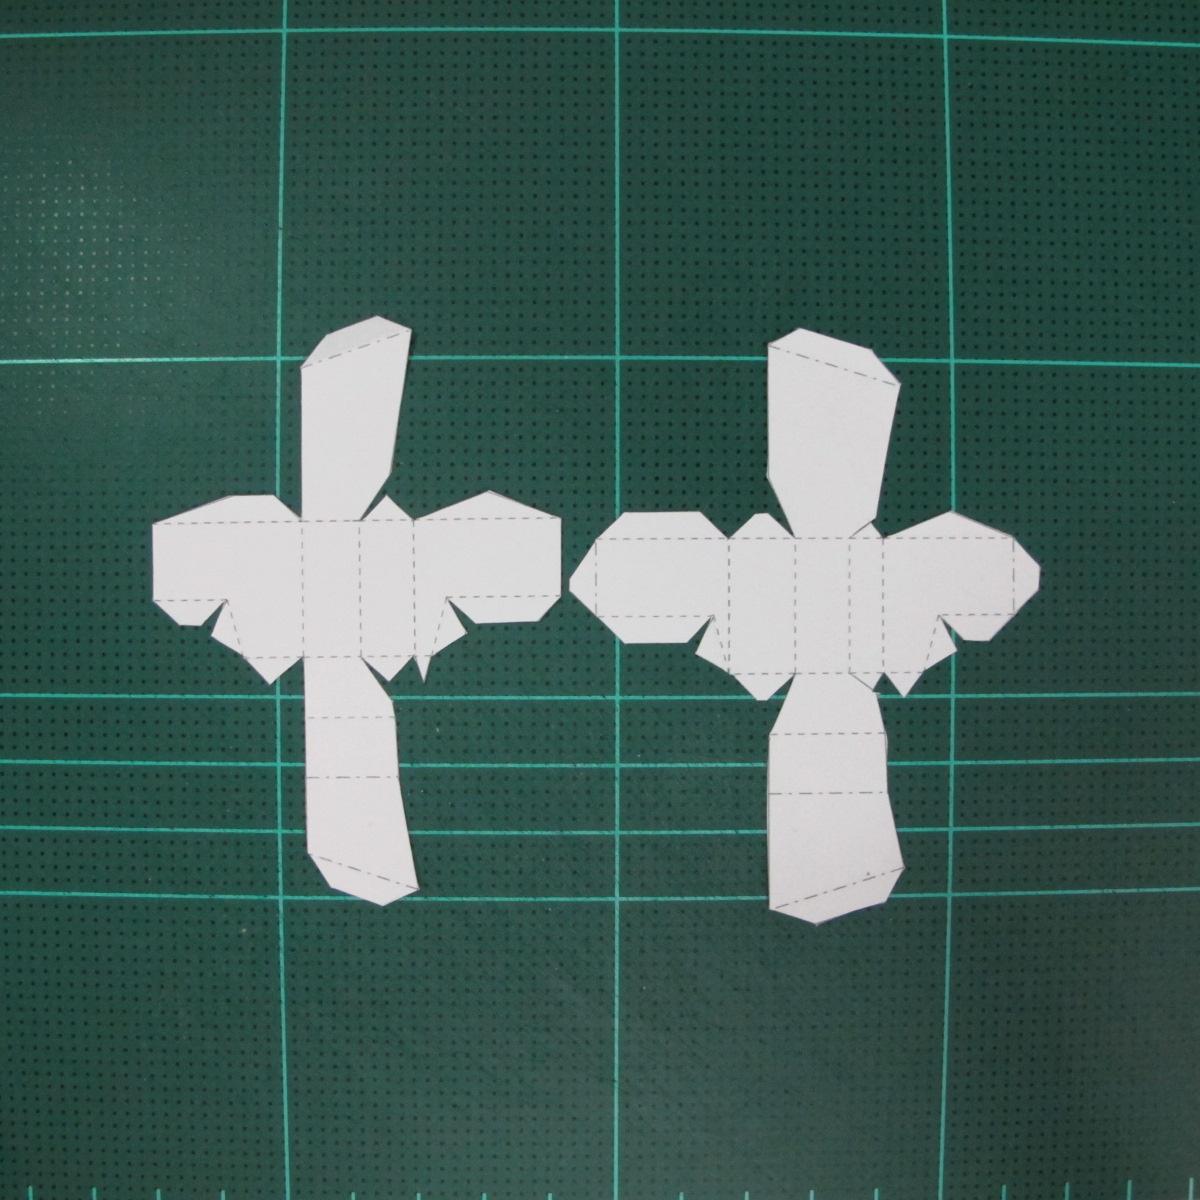 วิธีทำโมเดลกระดาษตุ้กตา คุกกี้สาวผู้ร่าเริง จากเกมส์คุกกี้รัน (LINE Cookie Run – Bright Cookie Papercraft Model) 017